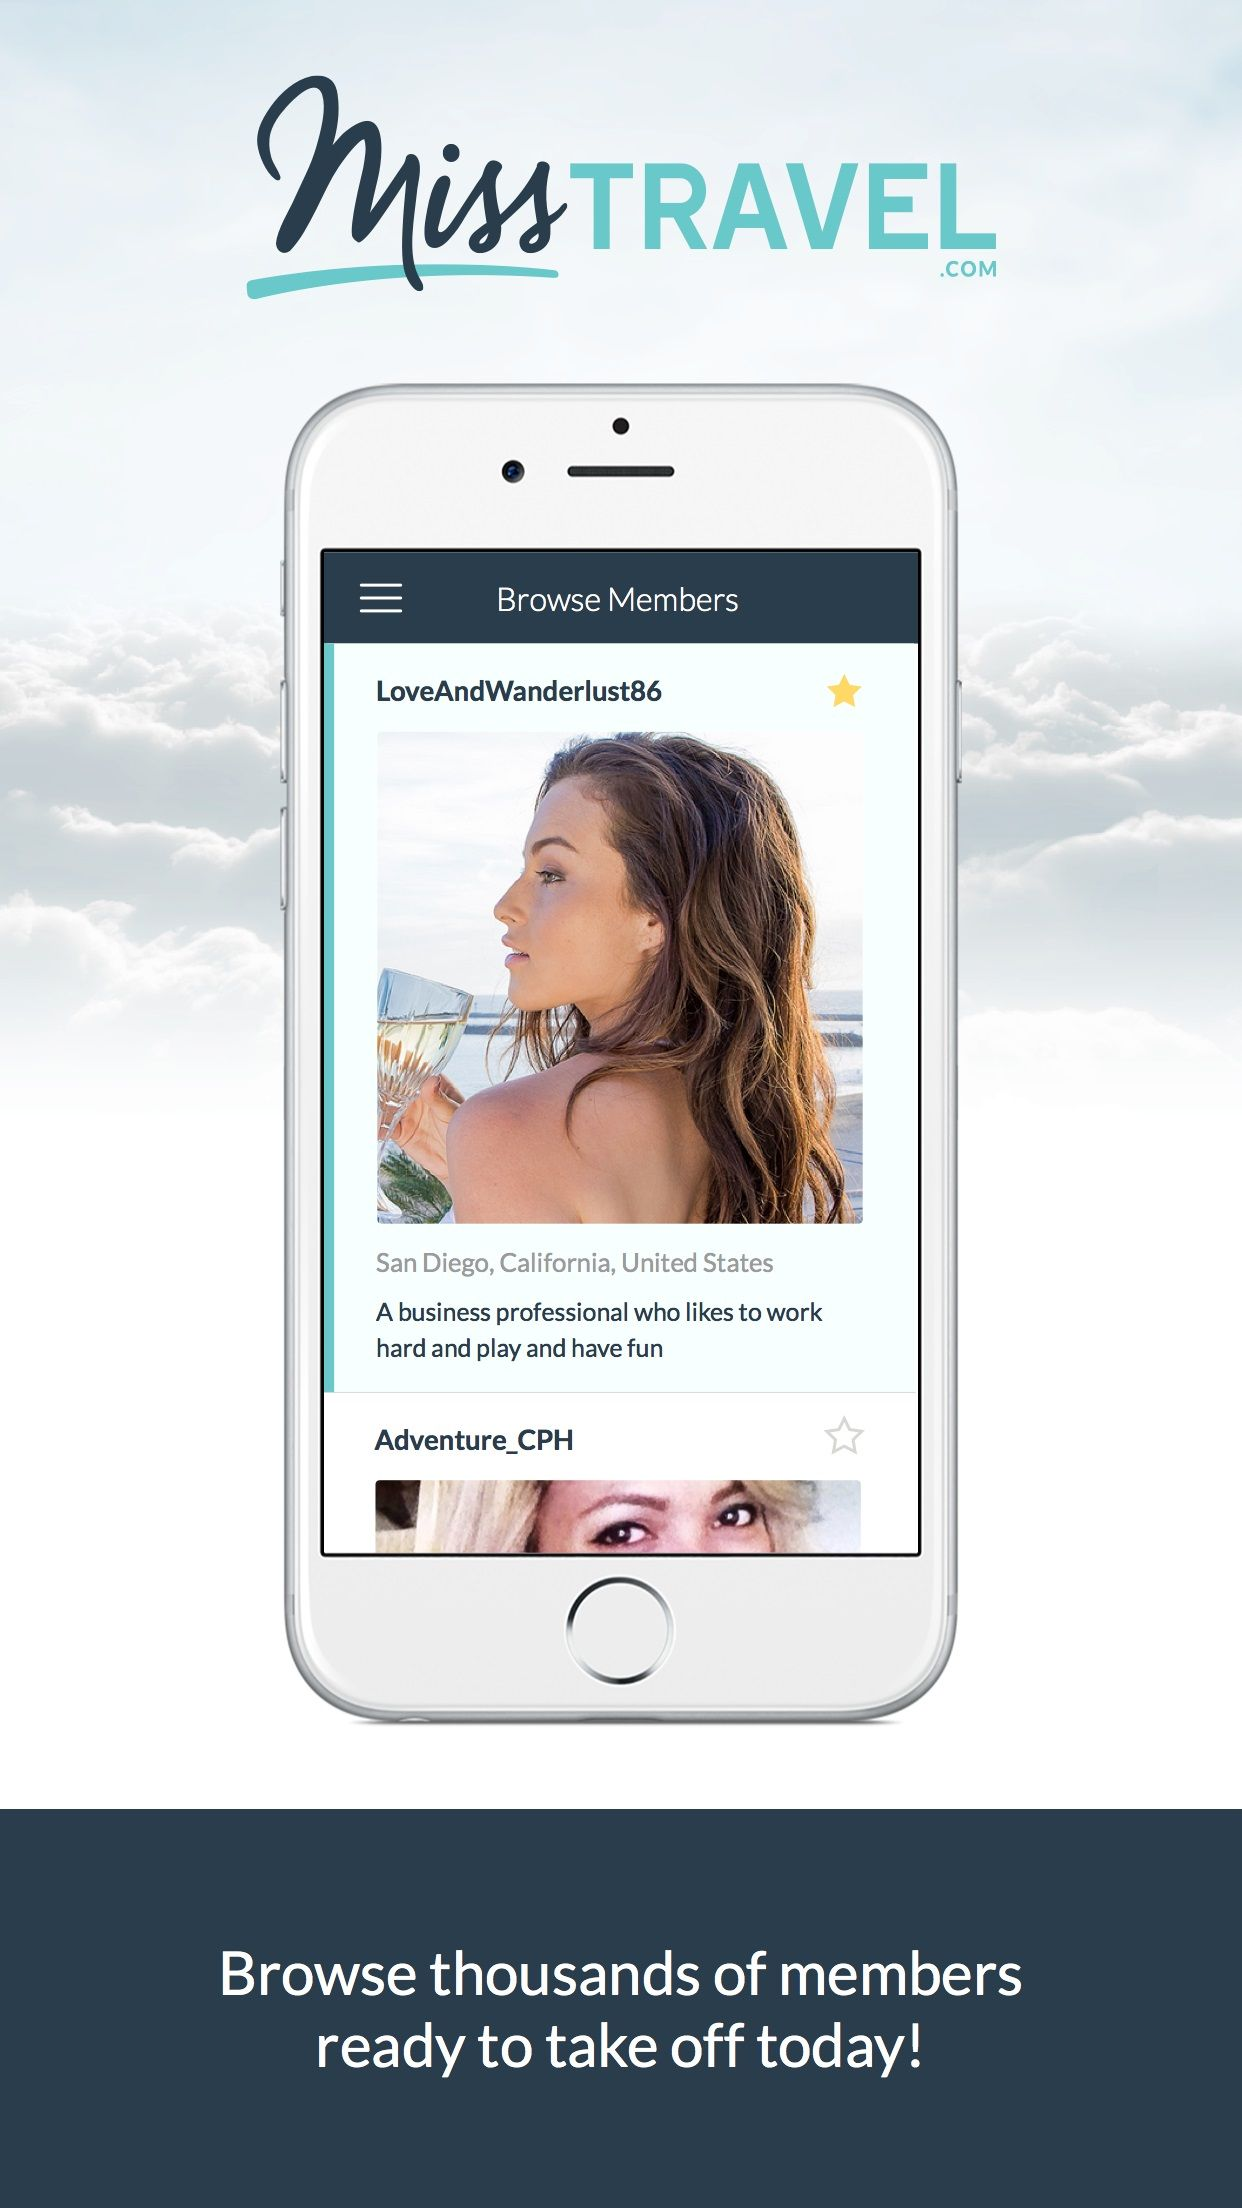 miss travel mobile app